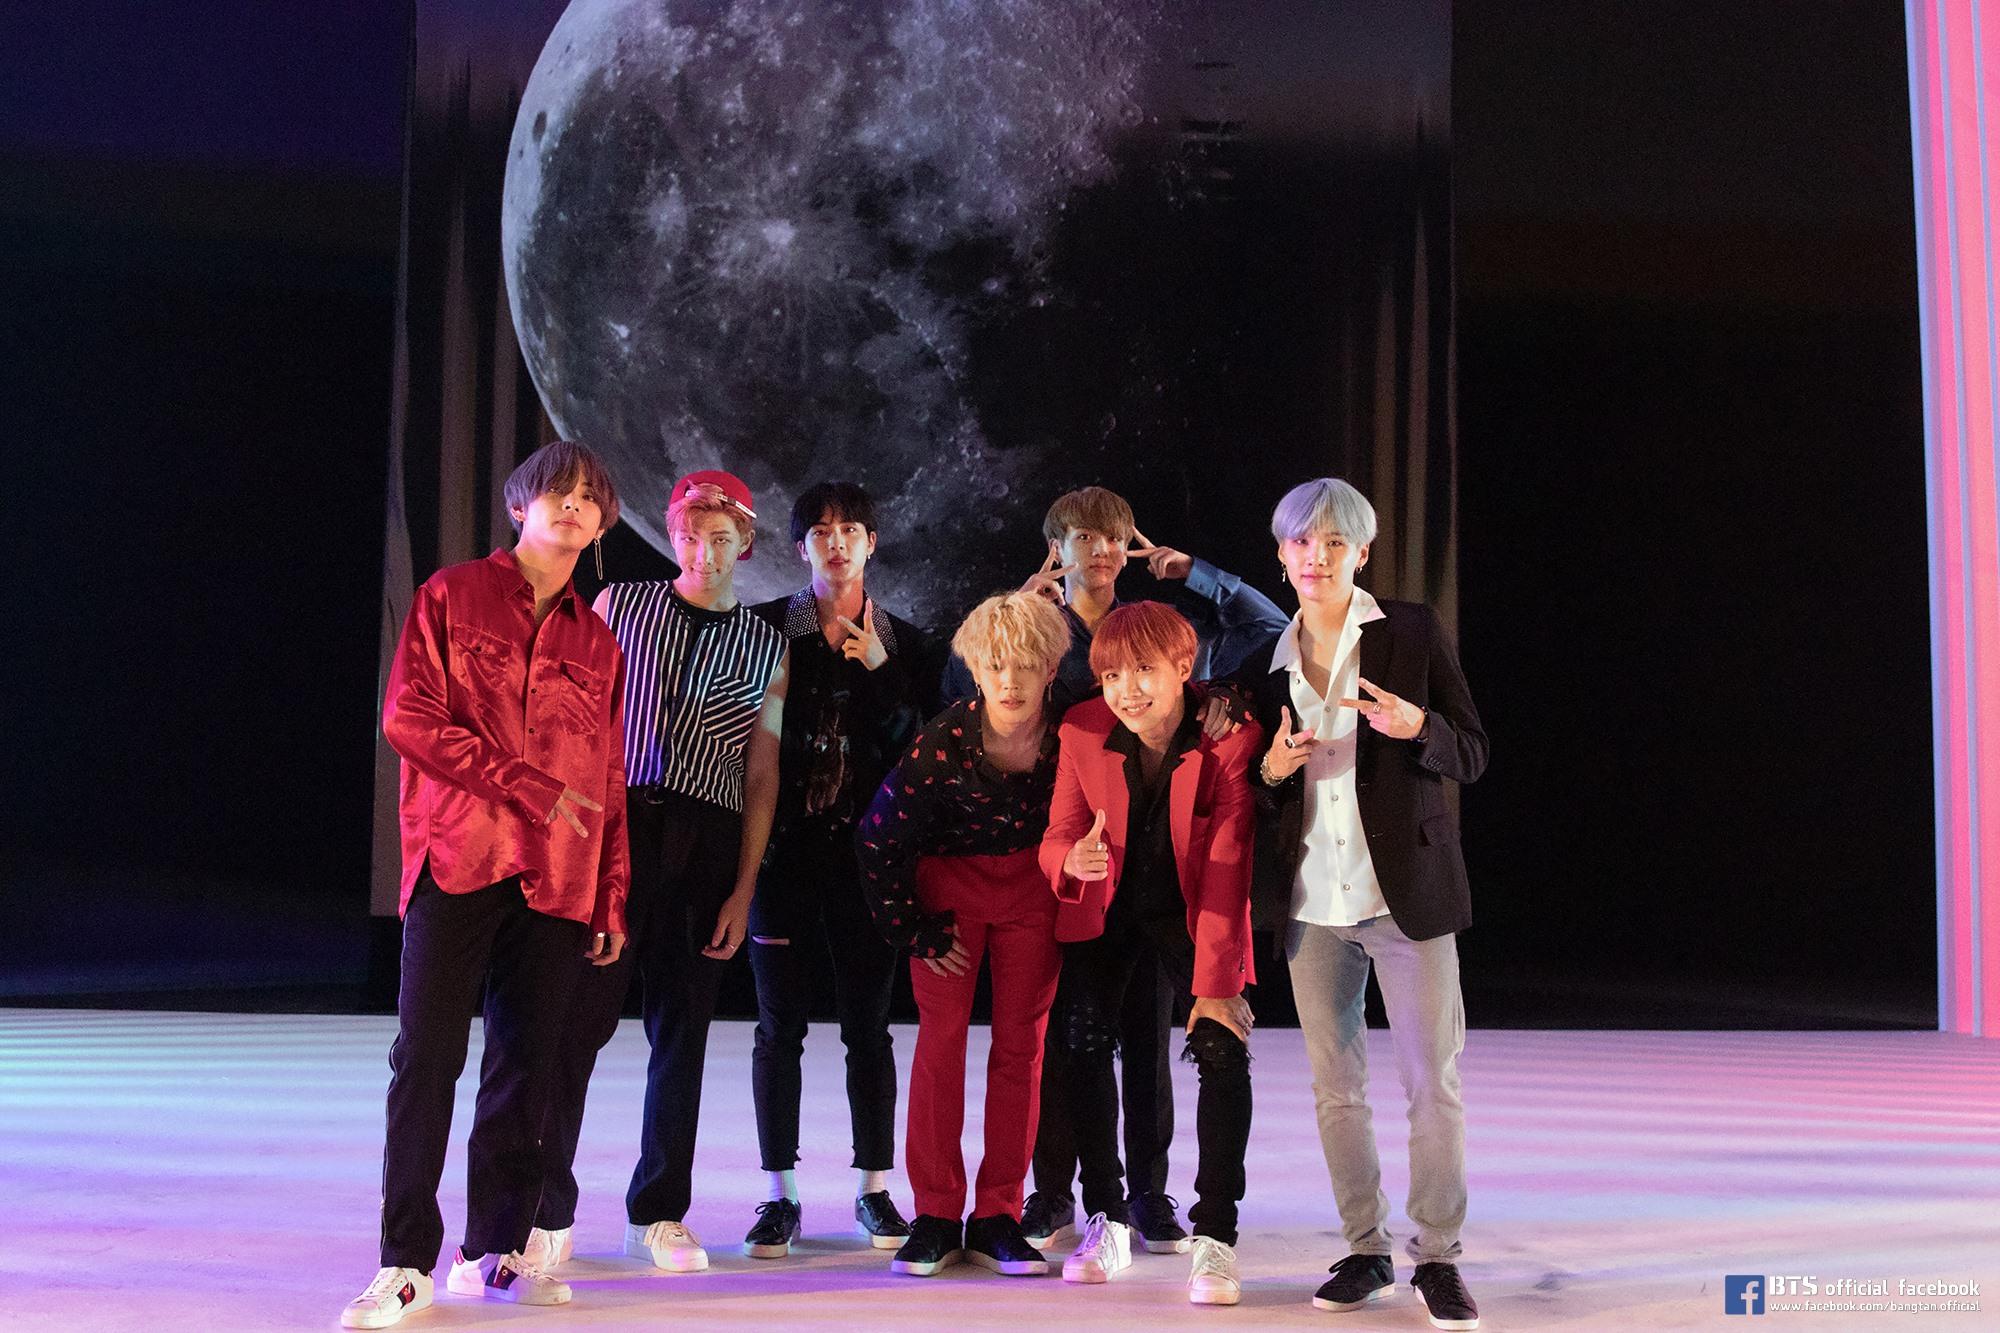 BTS mở đầu tháng kỉ niệm debut bằng thành tích ấn tượng: Bỏ túi MV tỉ view đầu tiên trong sự nghiệp 2